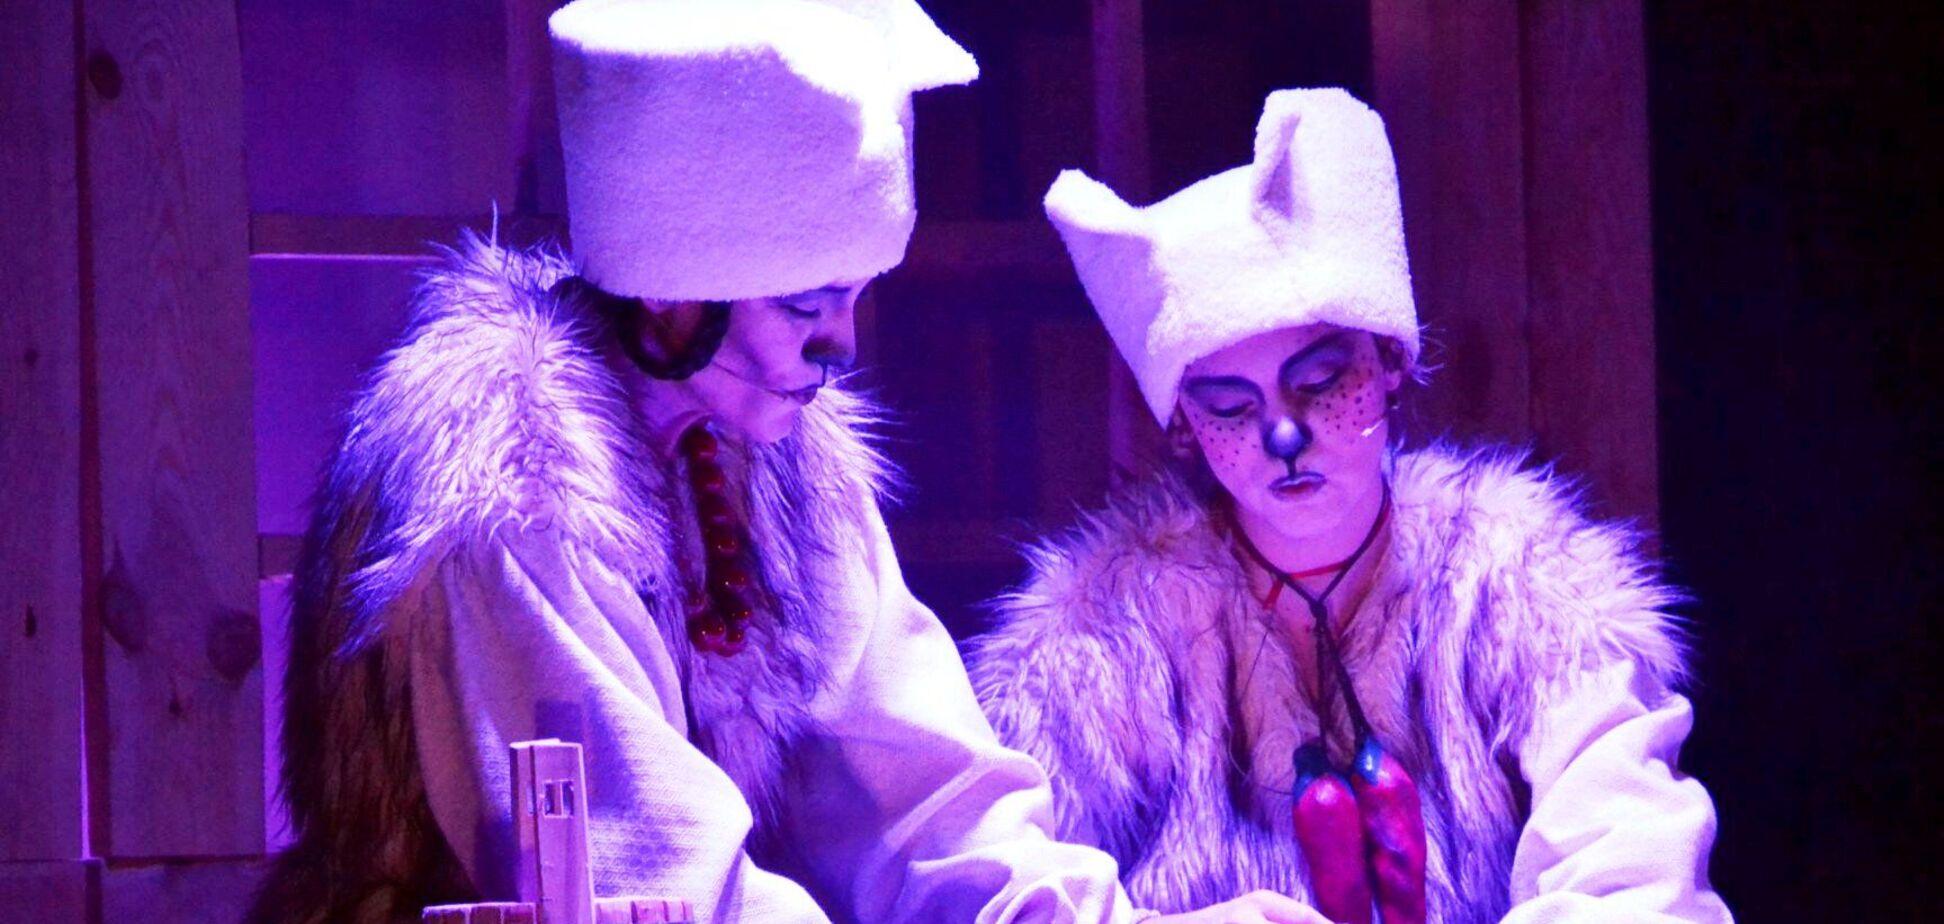 26 и 27 декабря в Национальной оперетте покажут спектакль для всей семьи 'Вертеп. Сказки тихой ночи'